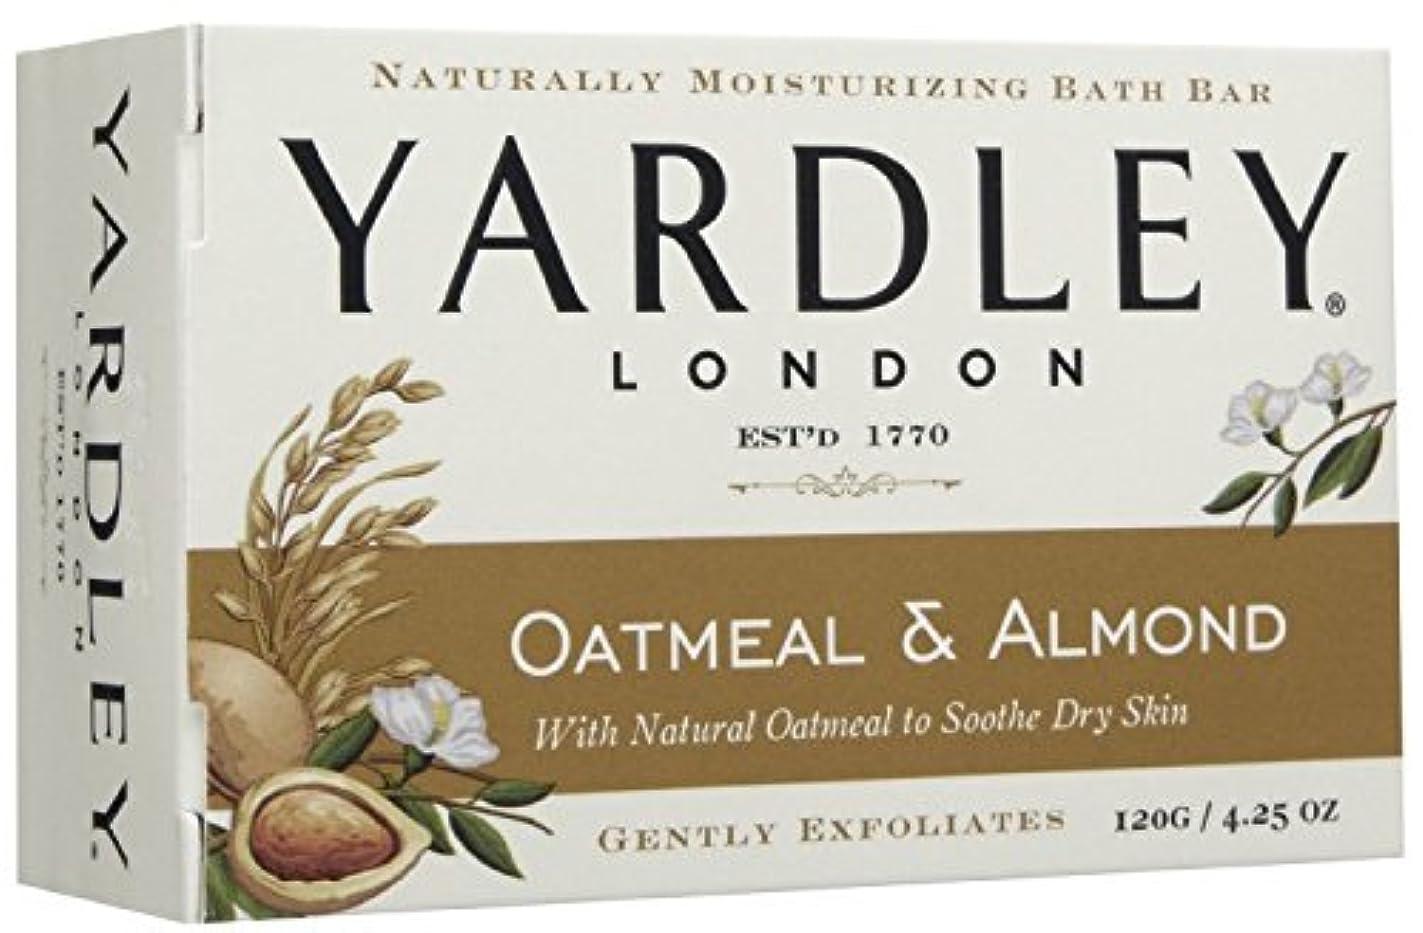 石灰岩無限野球Yardley London (ヤードリー ロンドン) オートミール&アーモンド モイスチャライズ バス ソープ 120g [並行輸入品]